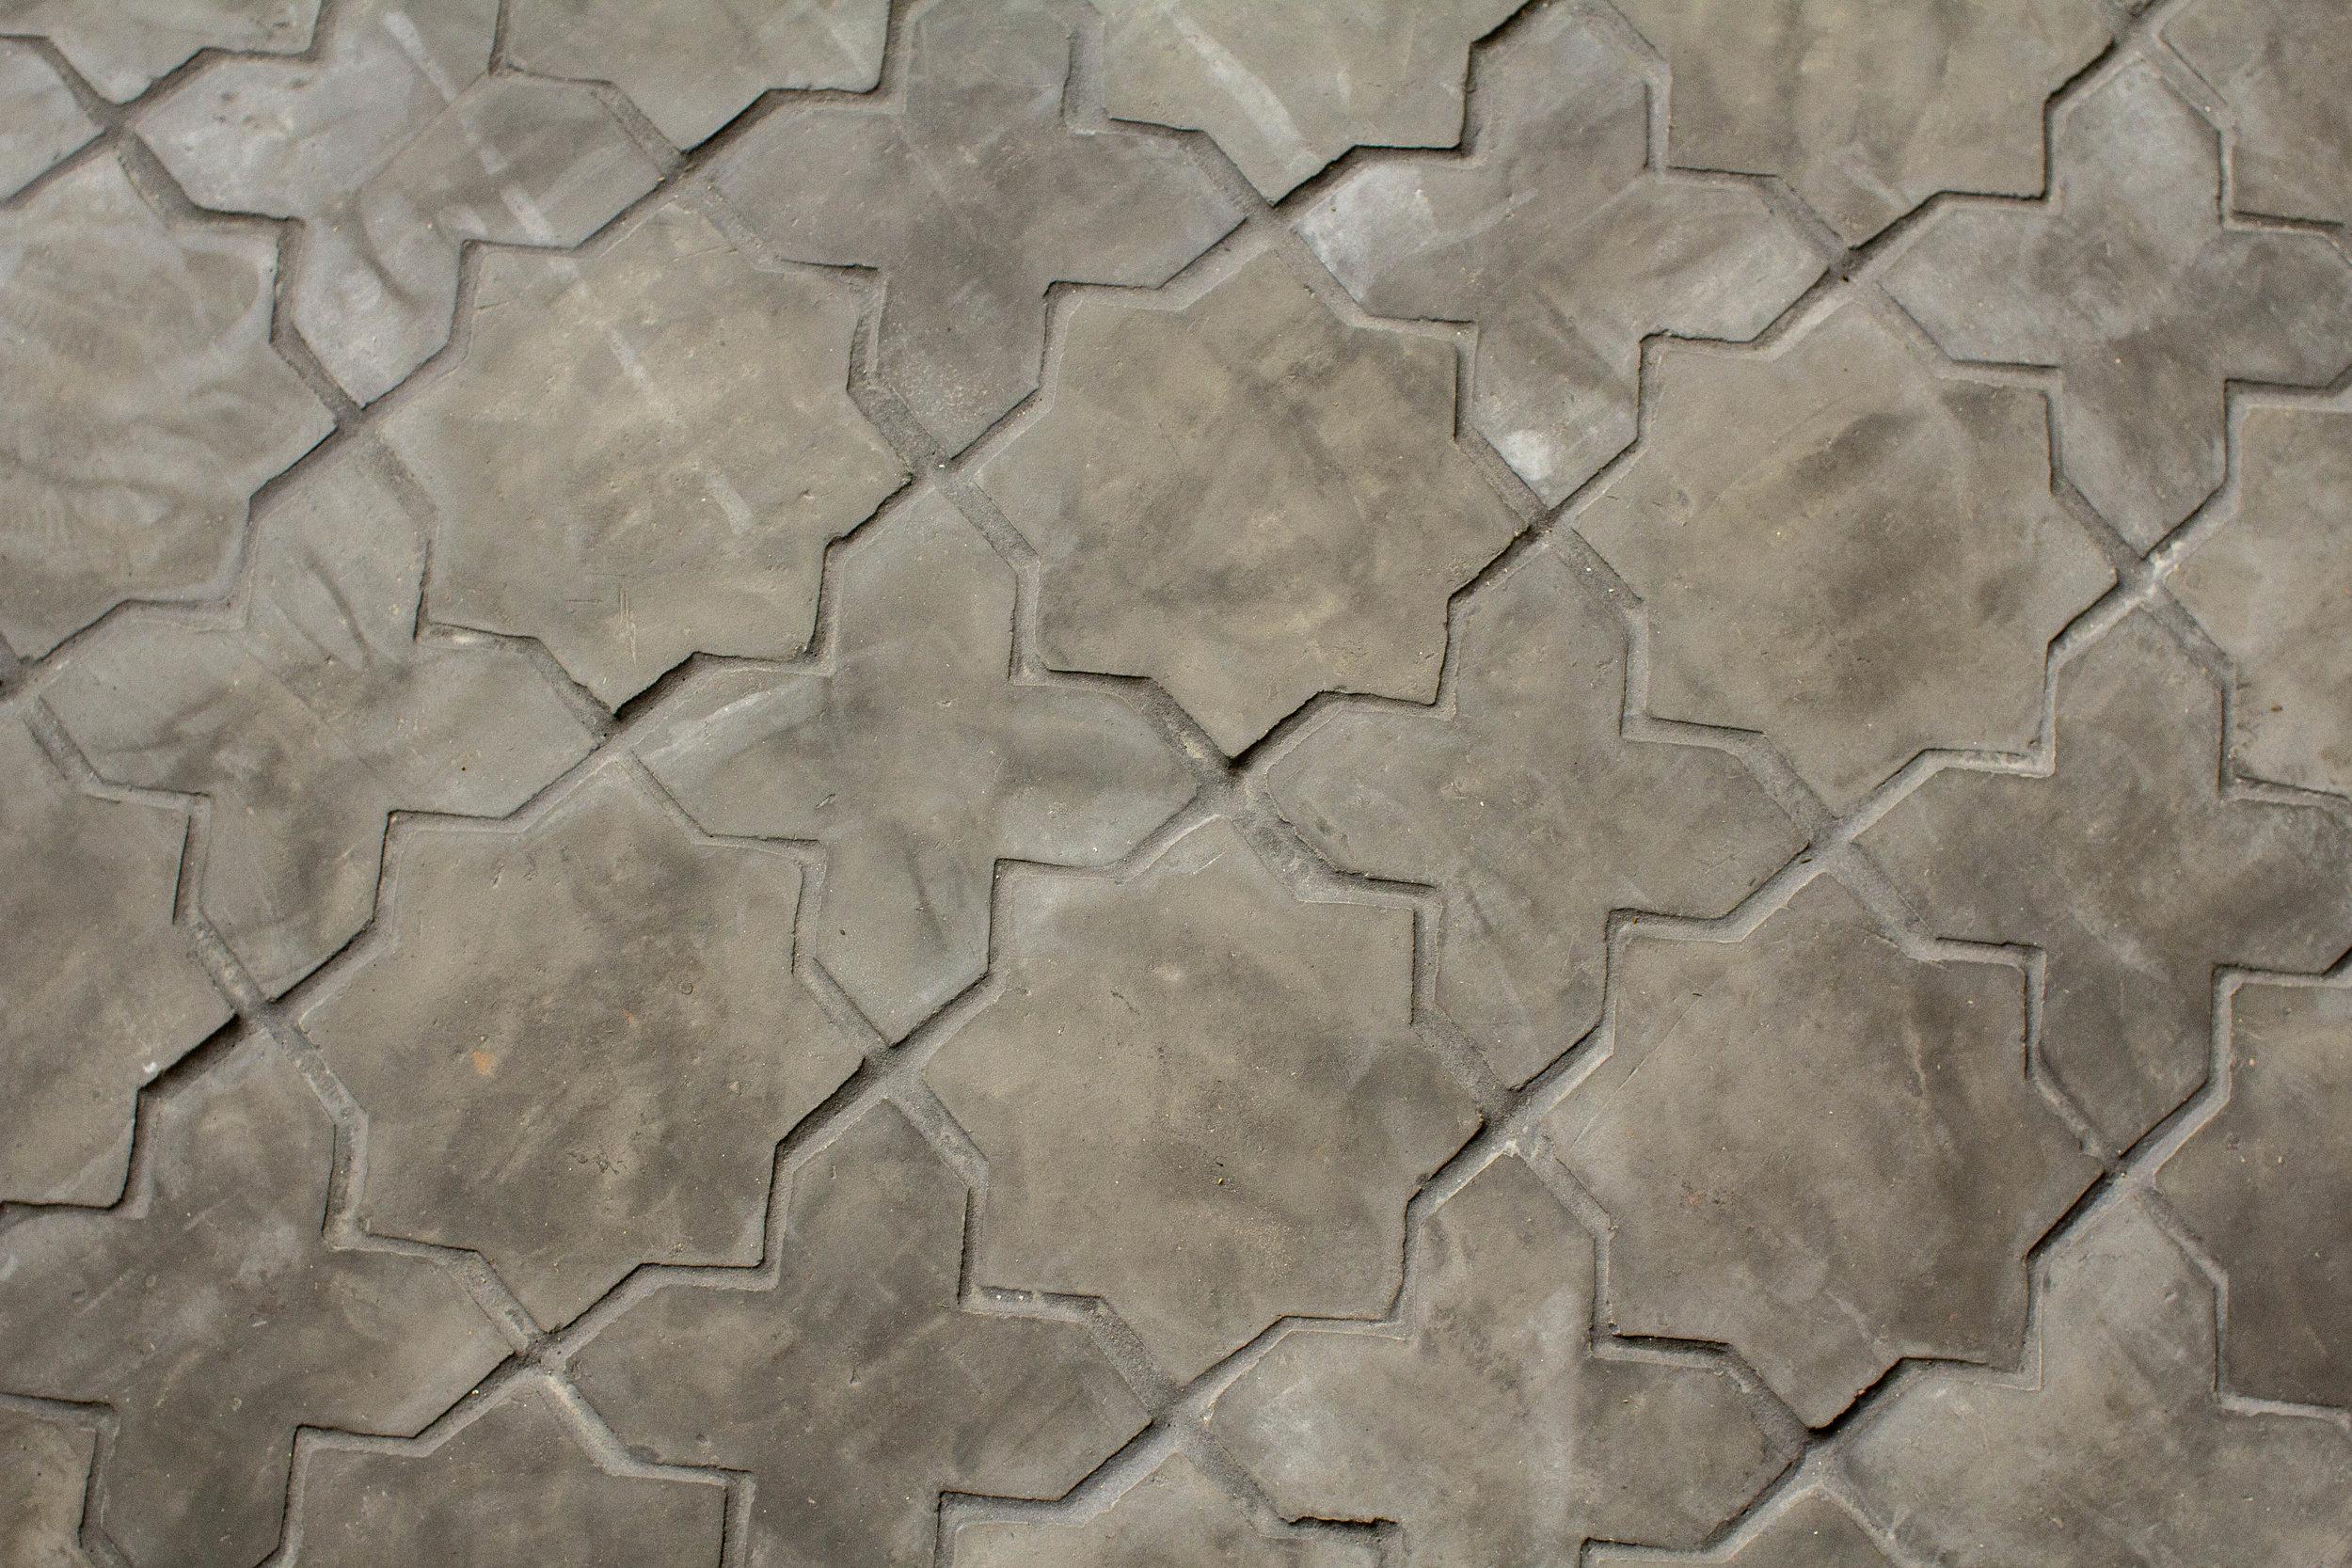 Stone tile floor 3.jpg